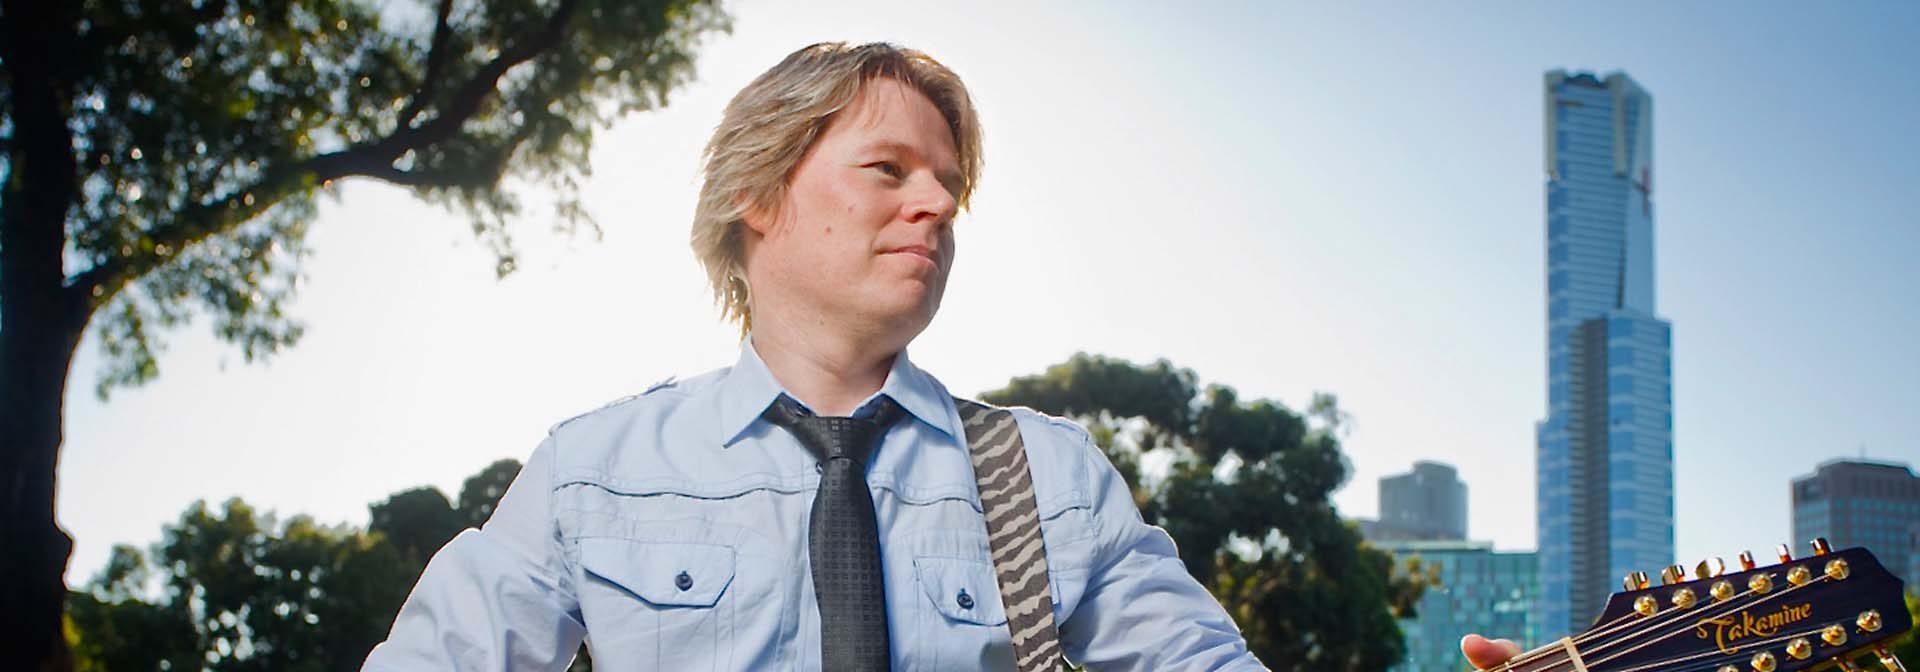 Tony Boyd Music